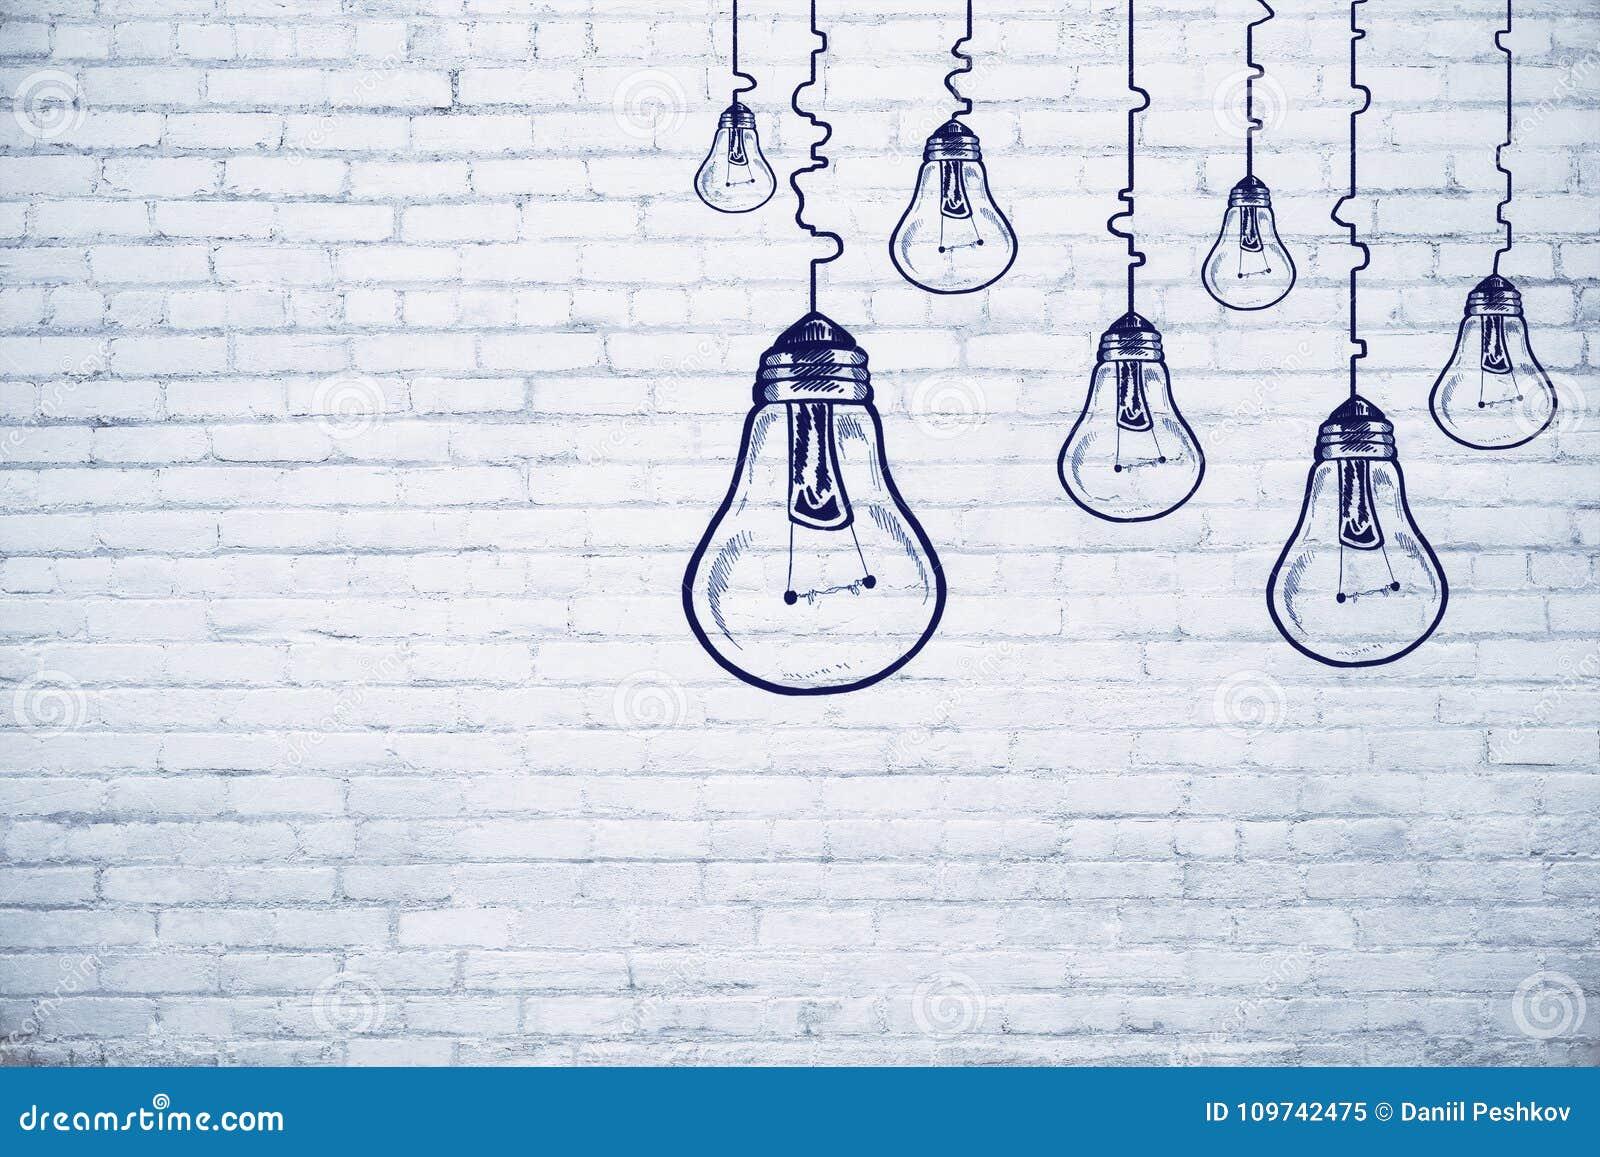 Концепция идеи, нововведения и достижения